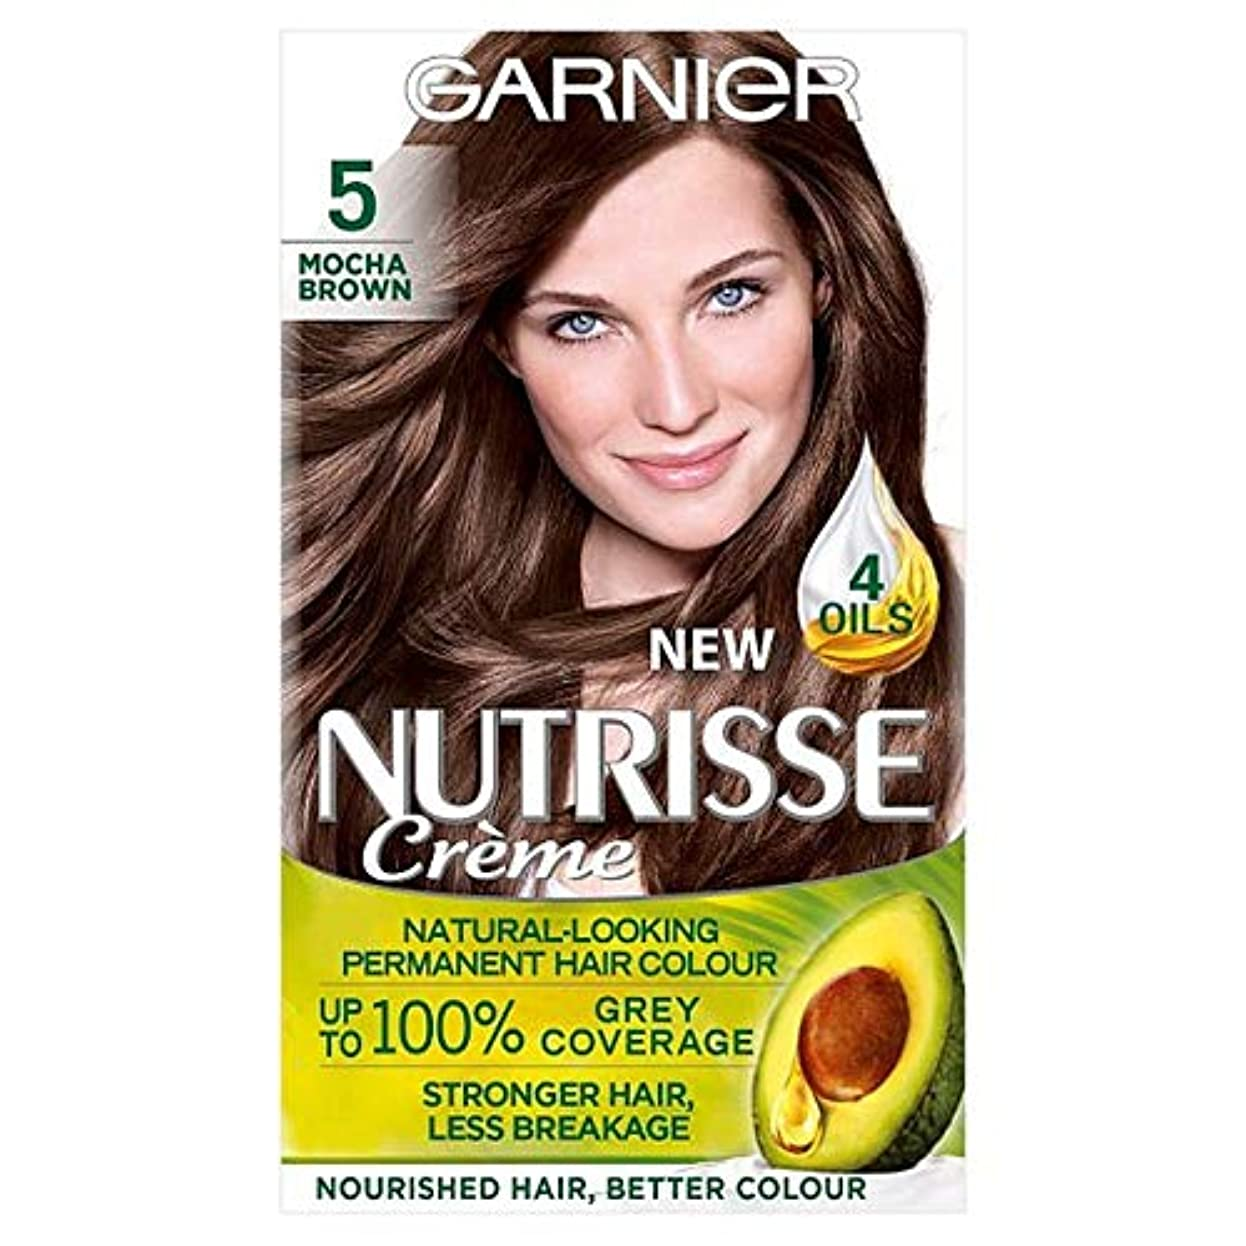 リビングルーム二層入口[Nutrisse] 5茶色の永久染毛剤Nutrisseガルニエ - Garnier Nutrisse 5 Brown Permanent Hair Dye [並行輸入品]